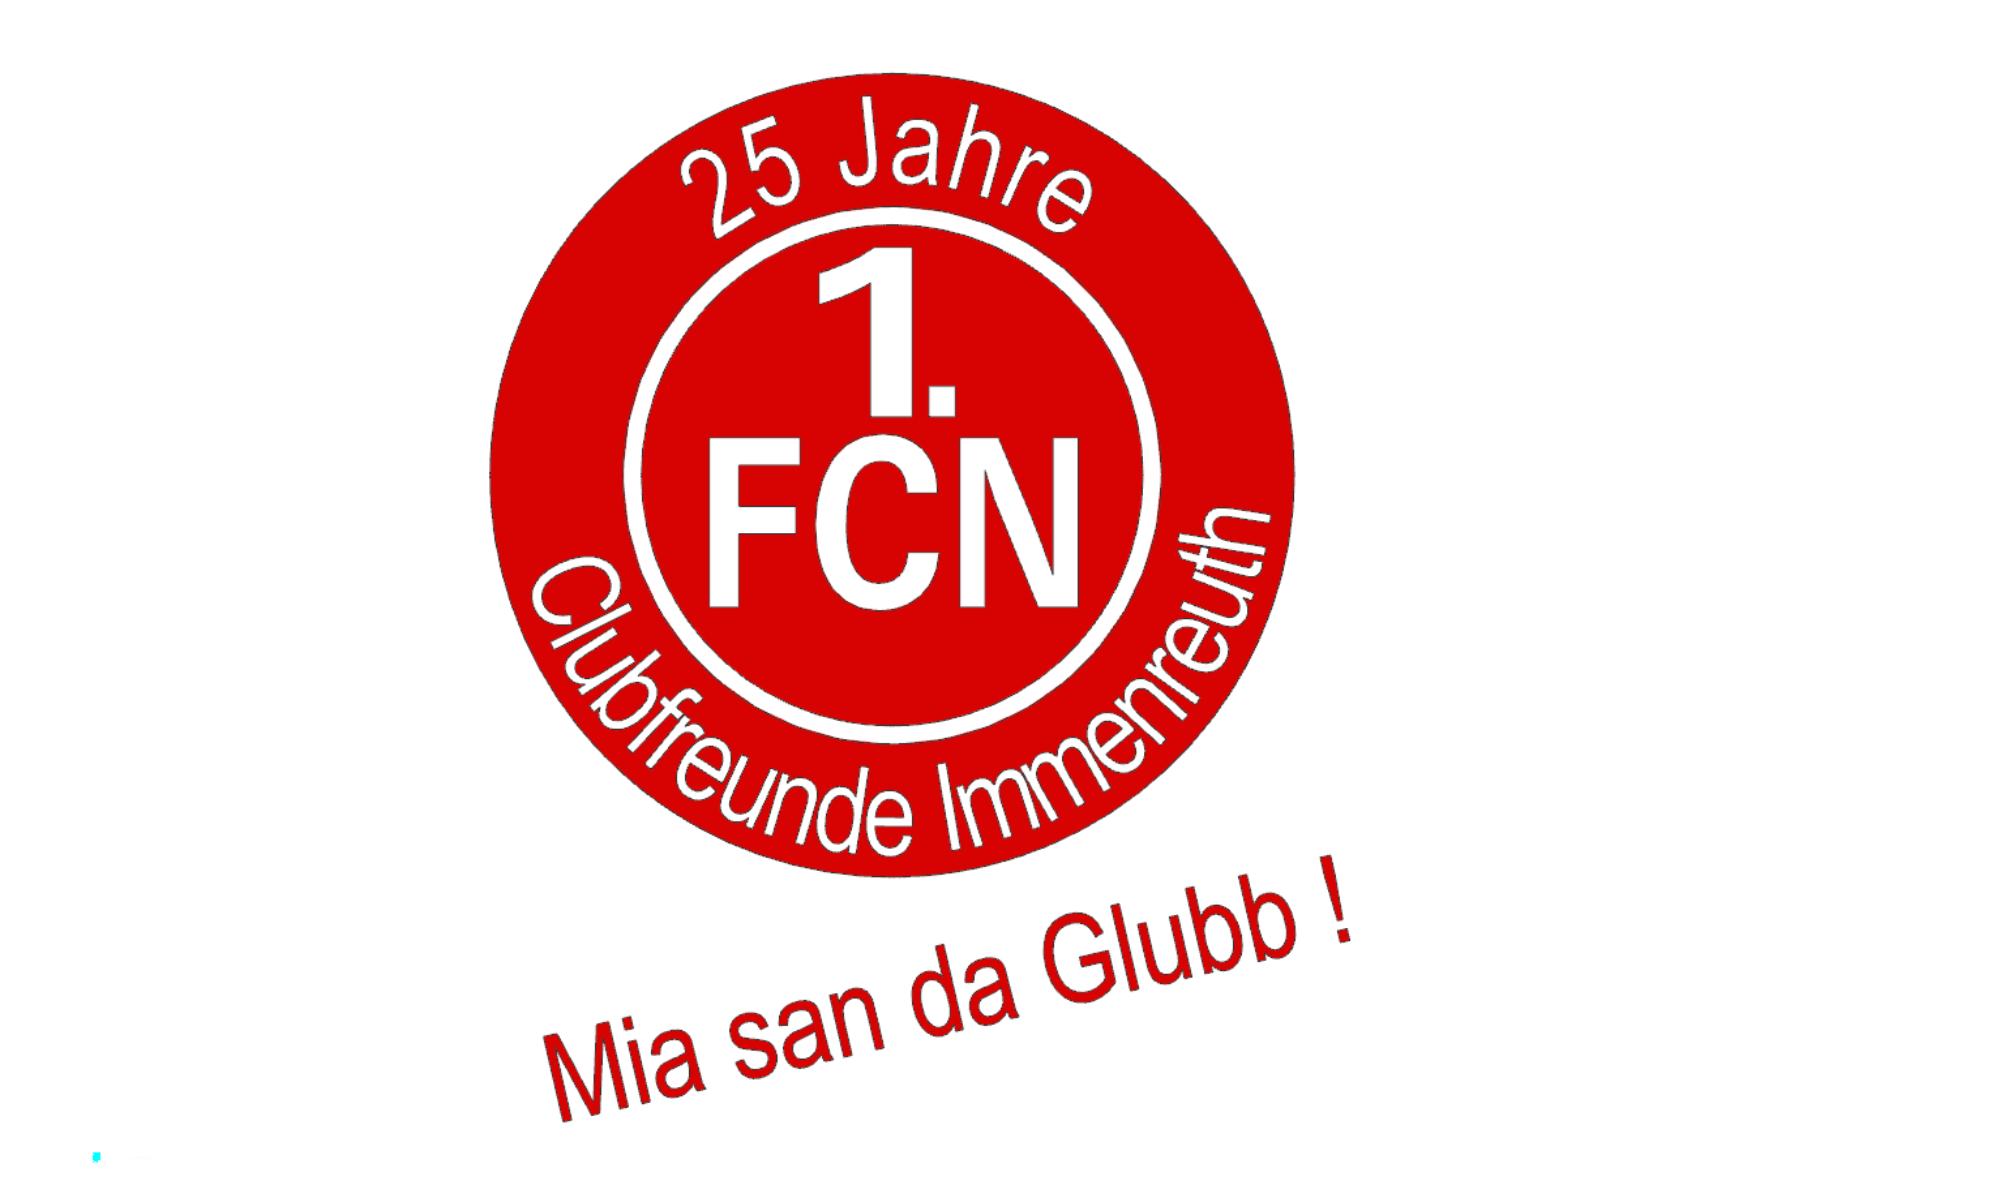 clubfreunde-immenreuth.de